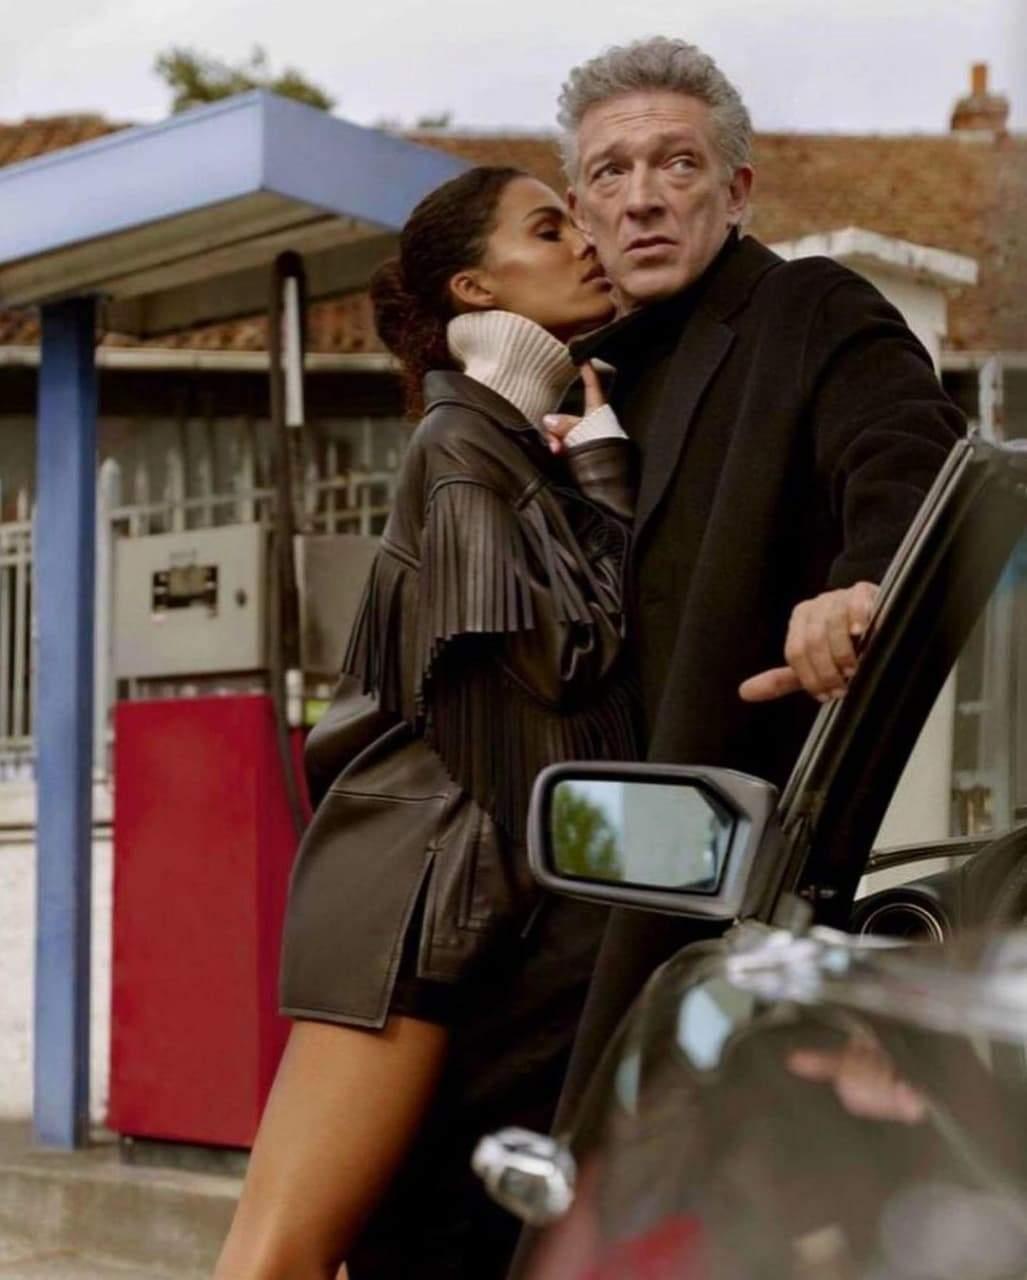 Венсан Кассель та Тіна Кунакі в рекламній зйомці / Фото з інстаграму Voguegram